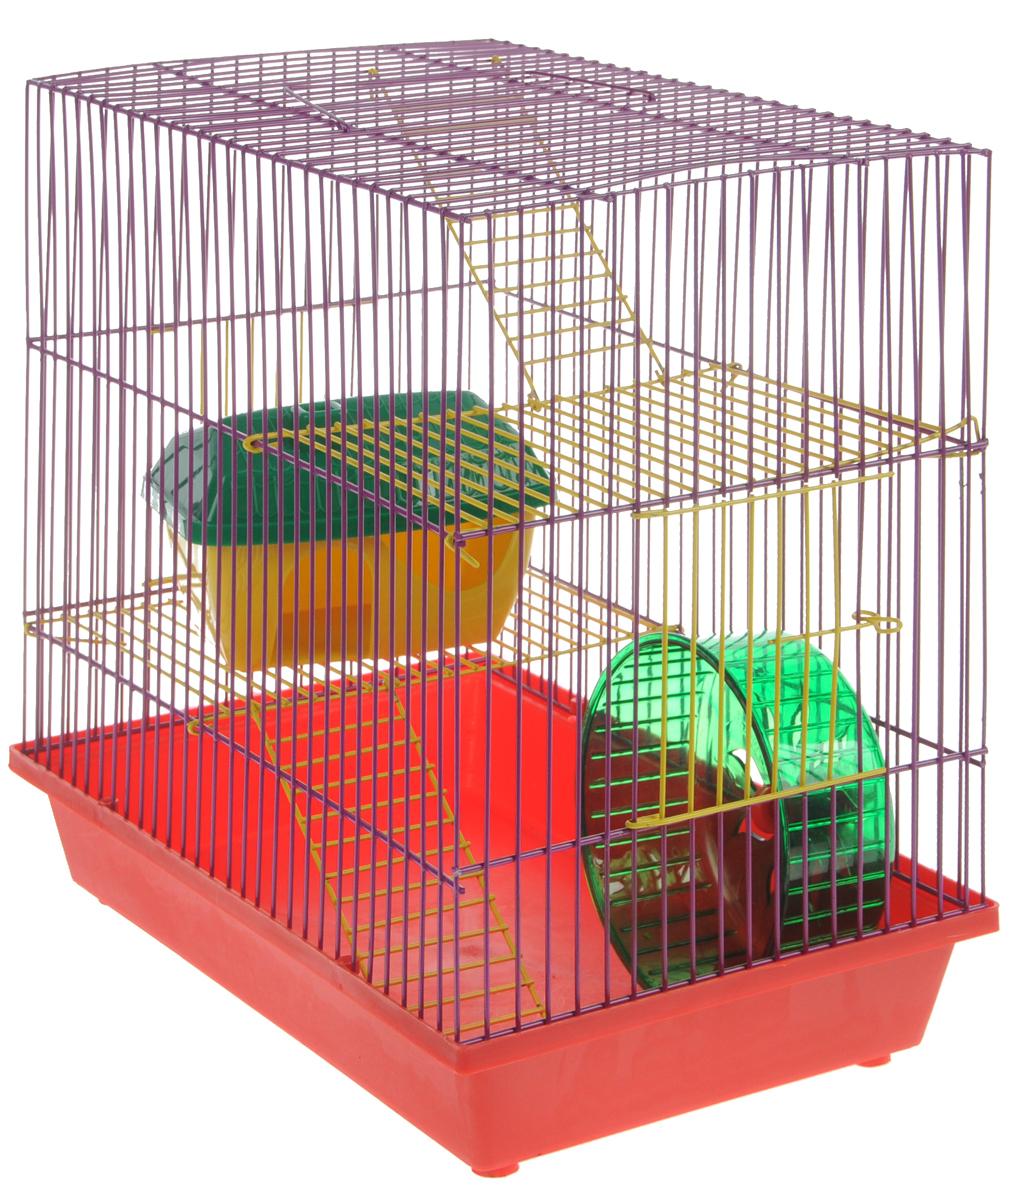 Клетка для грызунов ЗооМарк, 3-этажная, цвет: красный поддон, фиолетовая решетка, желтые этажи, 36 х 23 х 34,5 см. 135ж135жКФКлетка ЗооМарк, выполненная из полипропилена и металла, подходит для мелких грызунов. Изделие трехэтажное, оборудовано колесом для подвижных игр и пластиковым домиком. Клетка имеет яркий поддон, удобна в использовании и легко чистится. Сверху имеется ручка для переноски. Такая клетка станет уединенным личным пространством и уютным домиком для маленького грызуна.